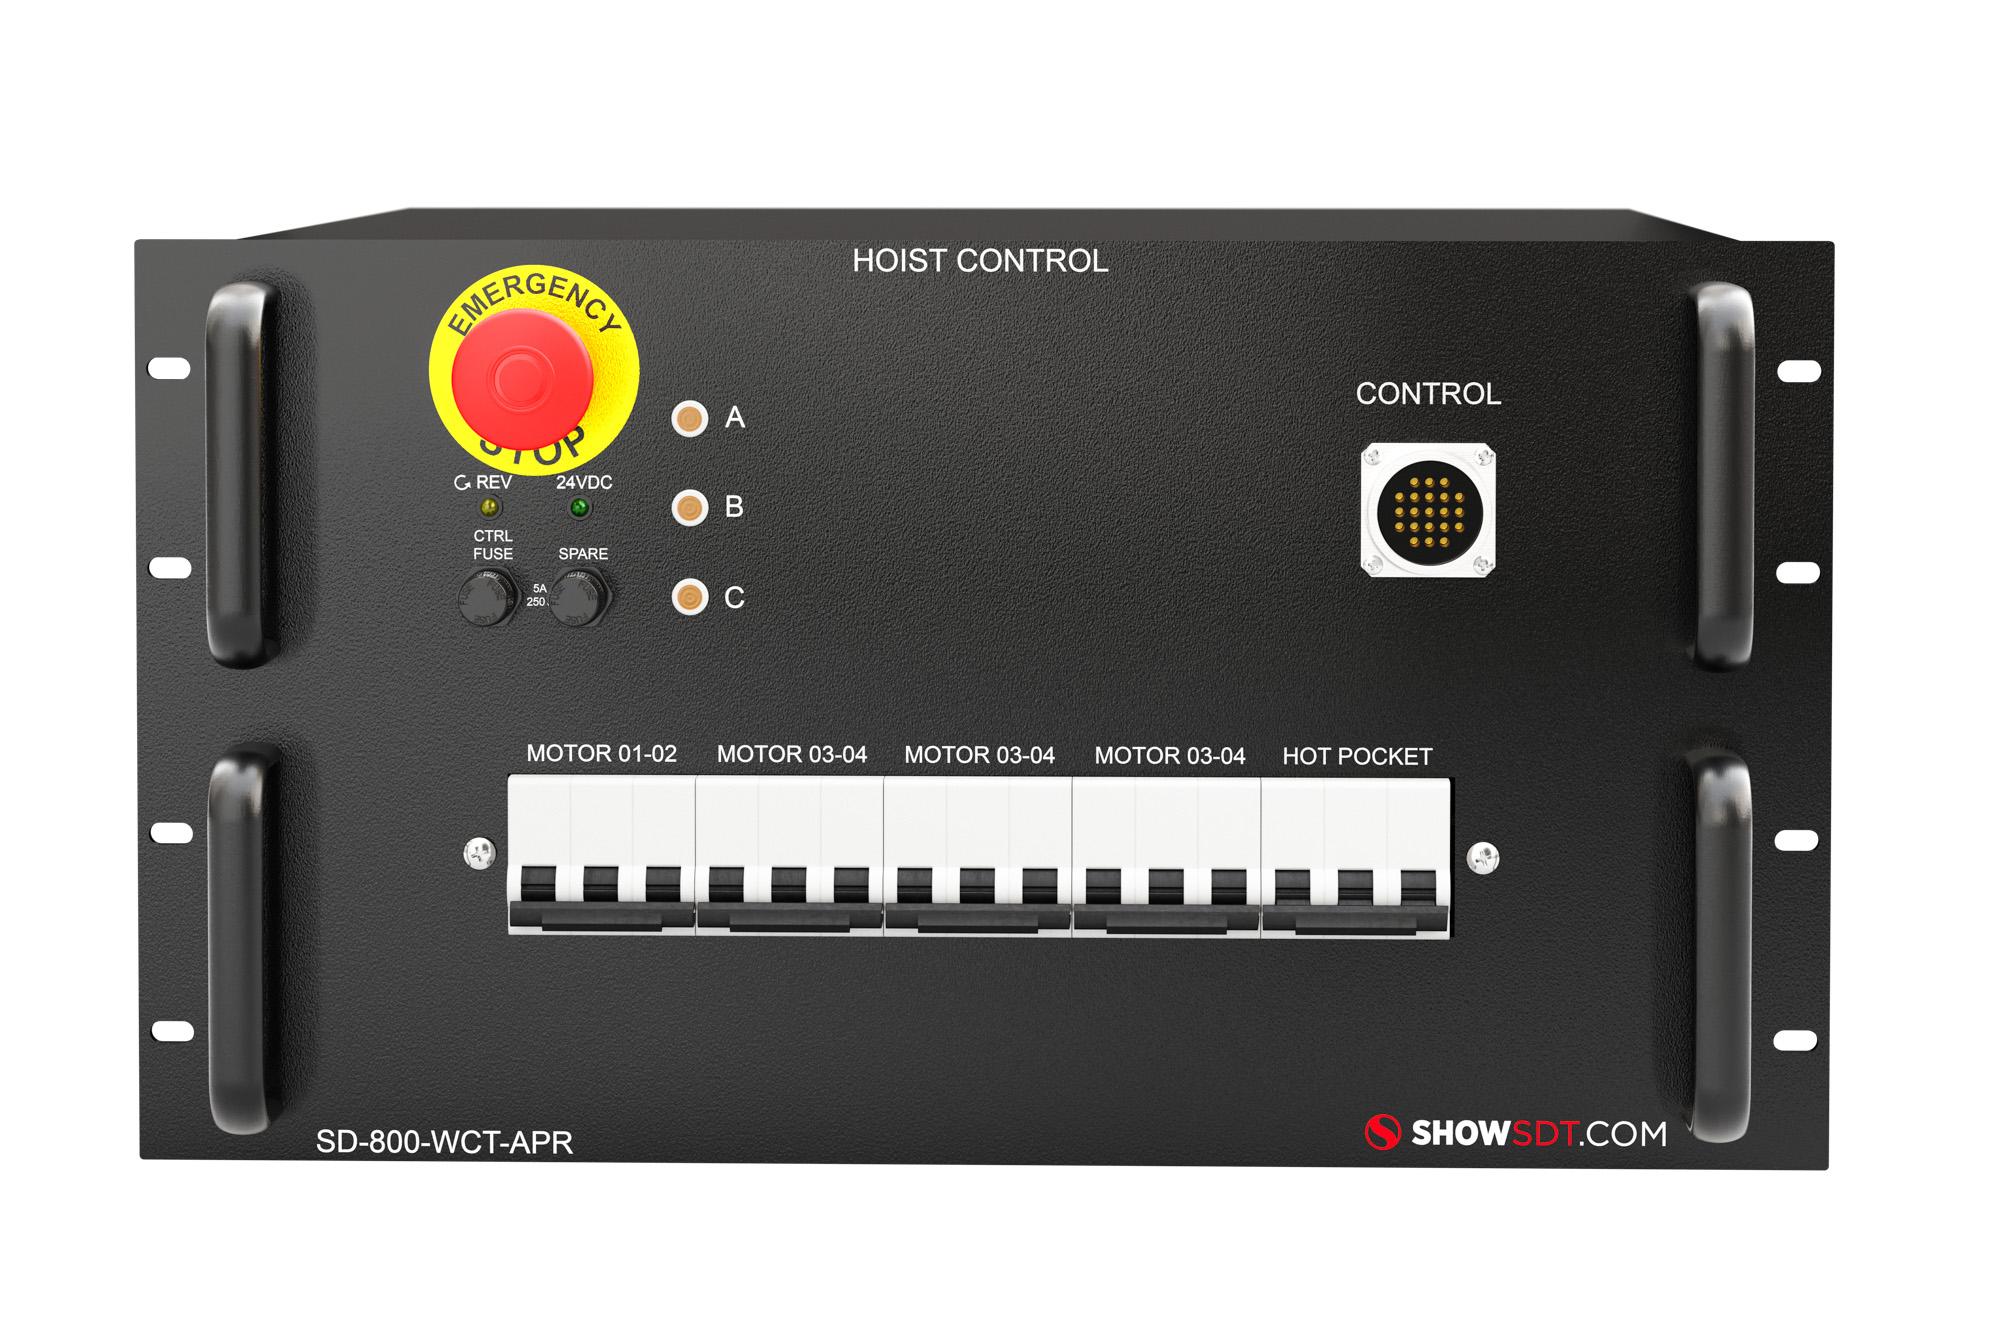 SD-800/WCT-APR